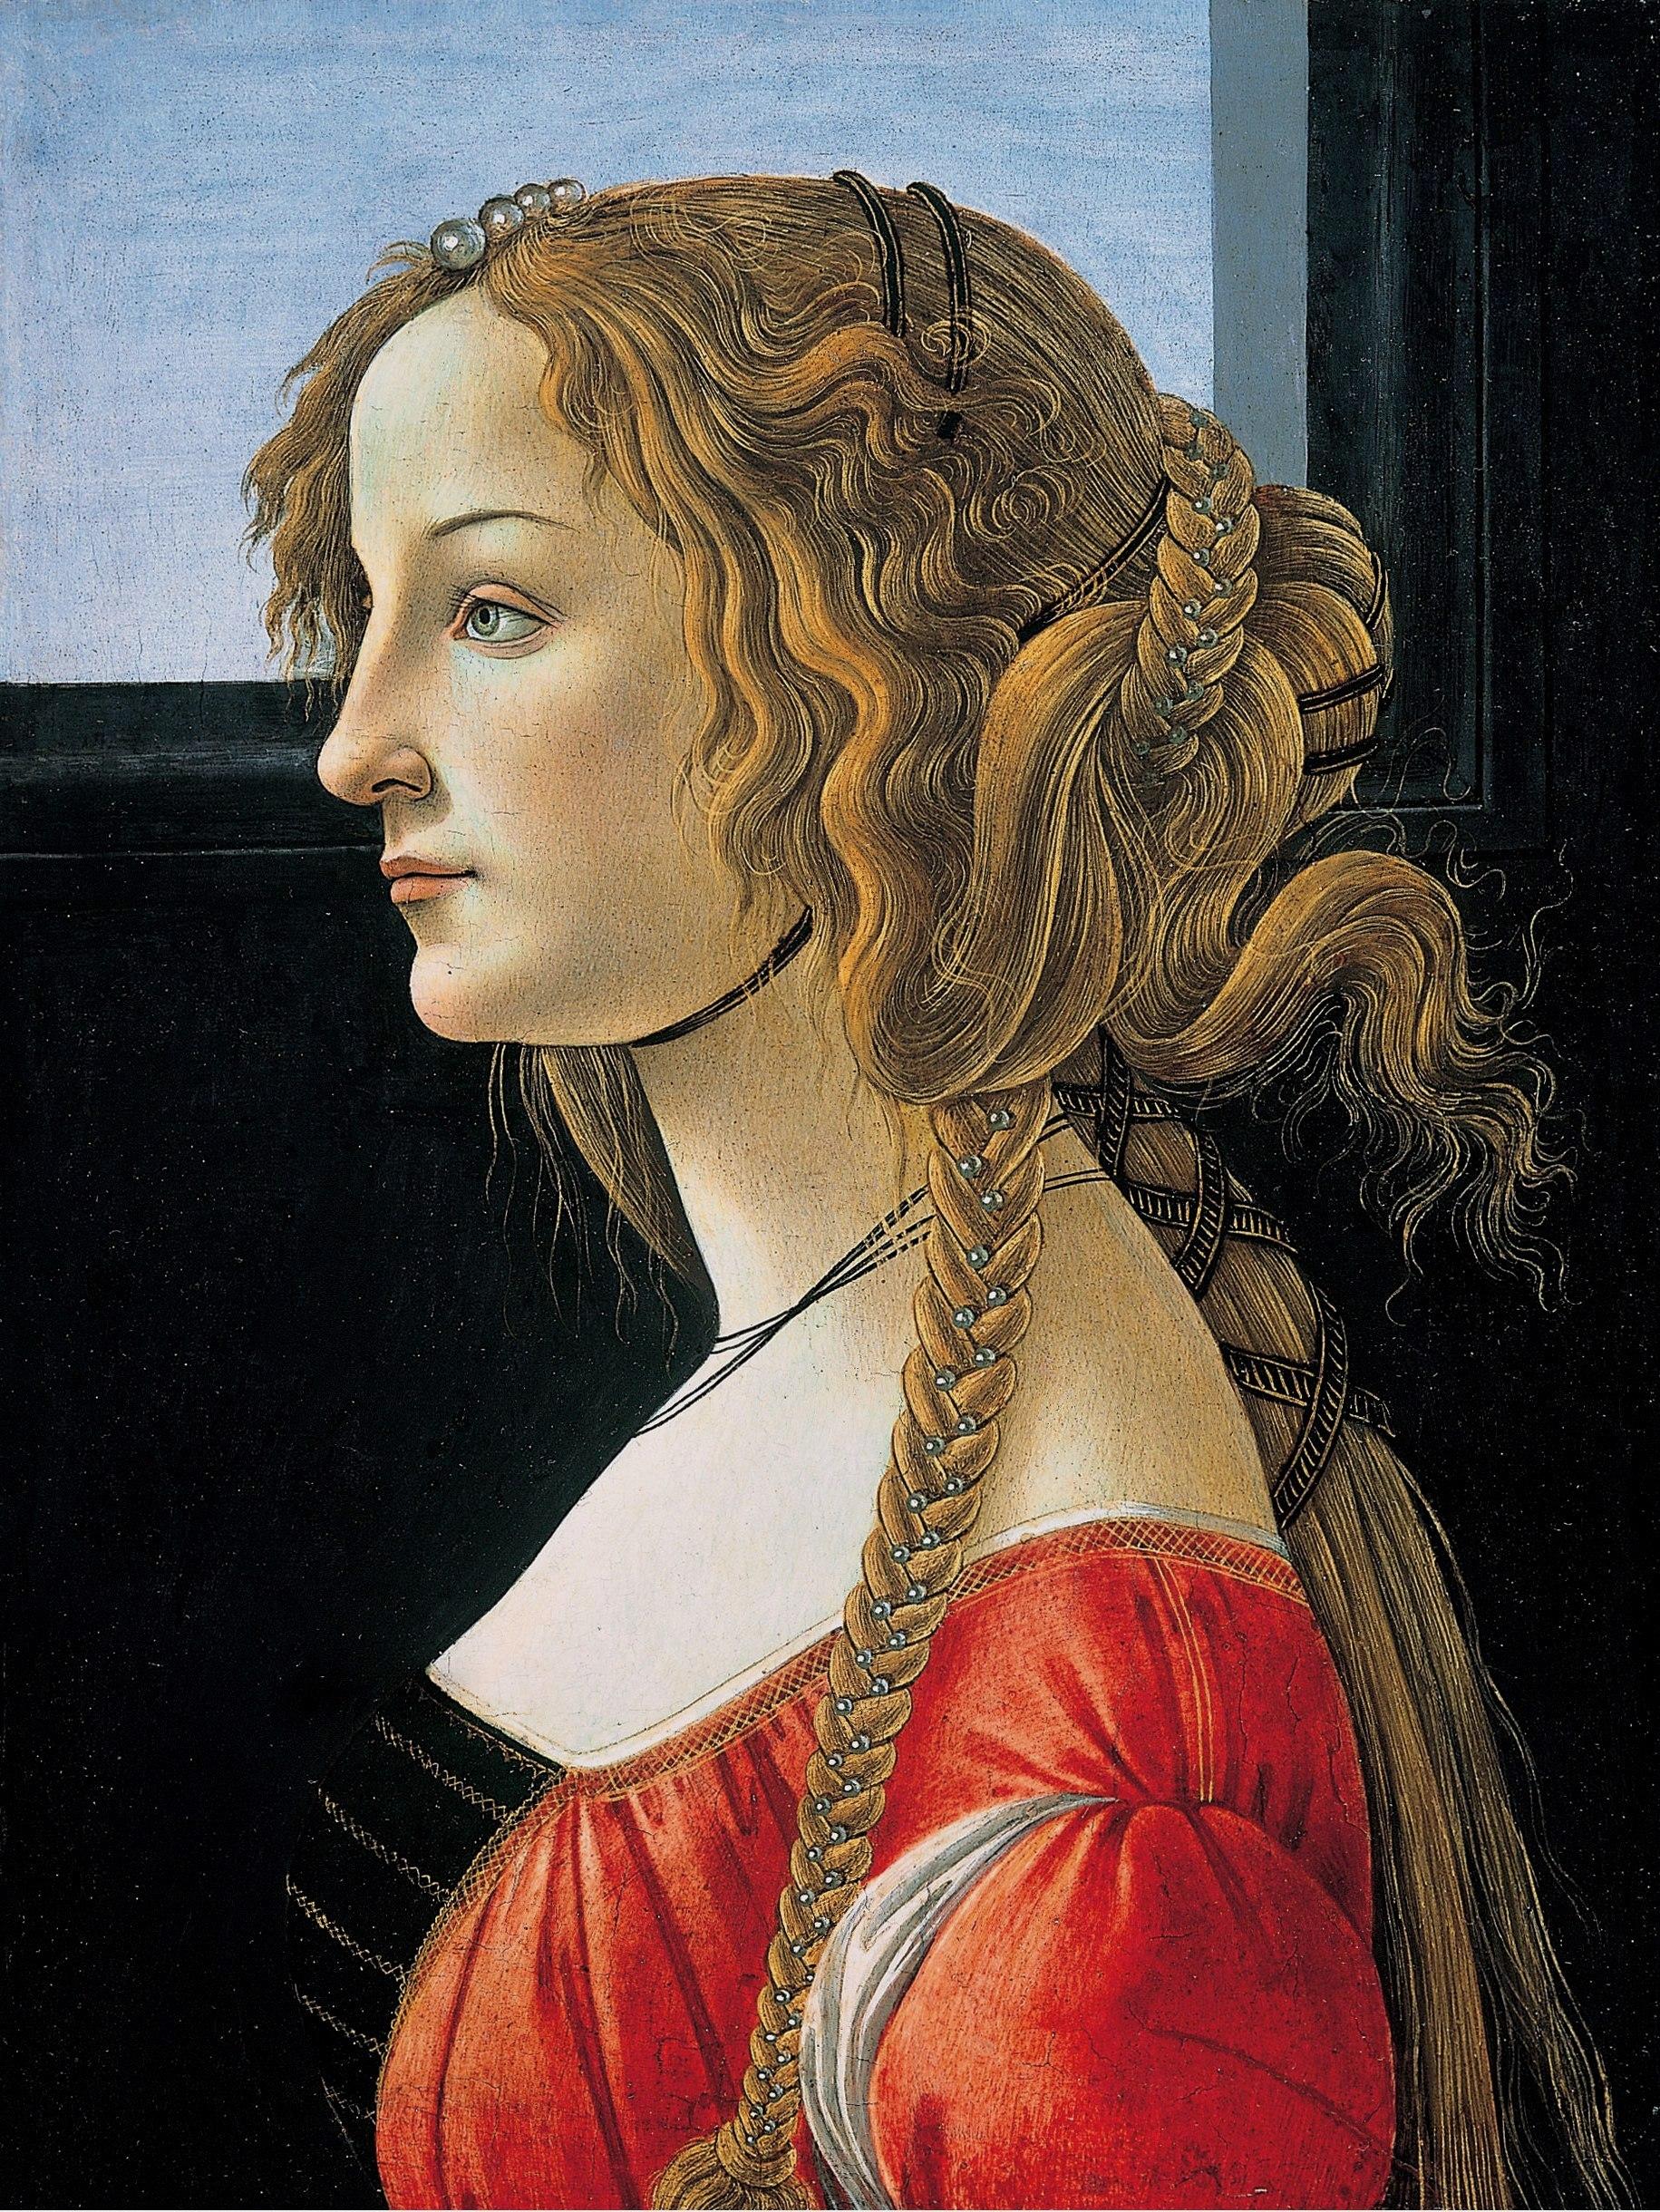 Sandro_Botticelli_066.jpg?uselang=fr